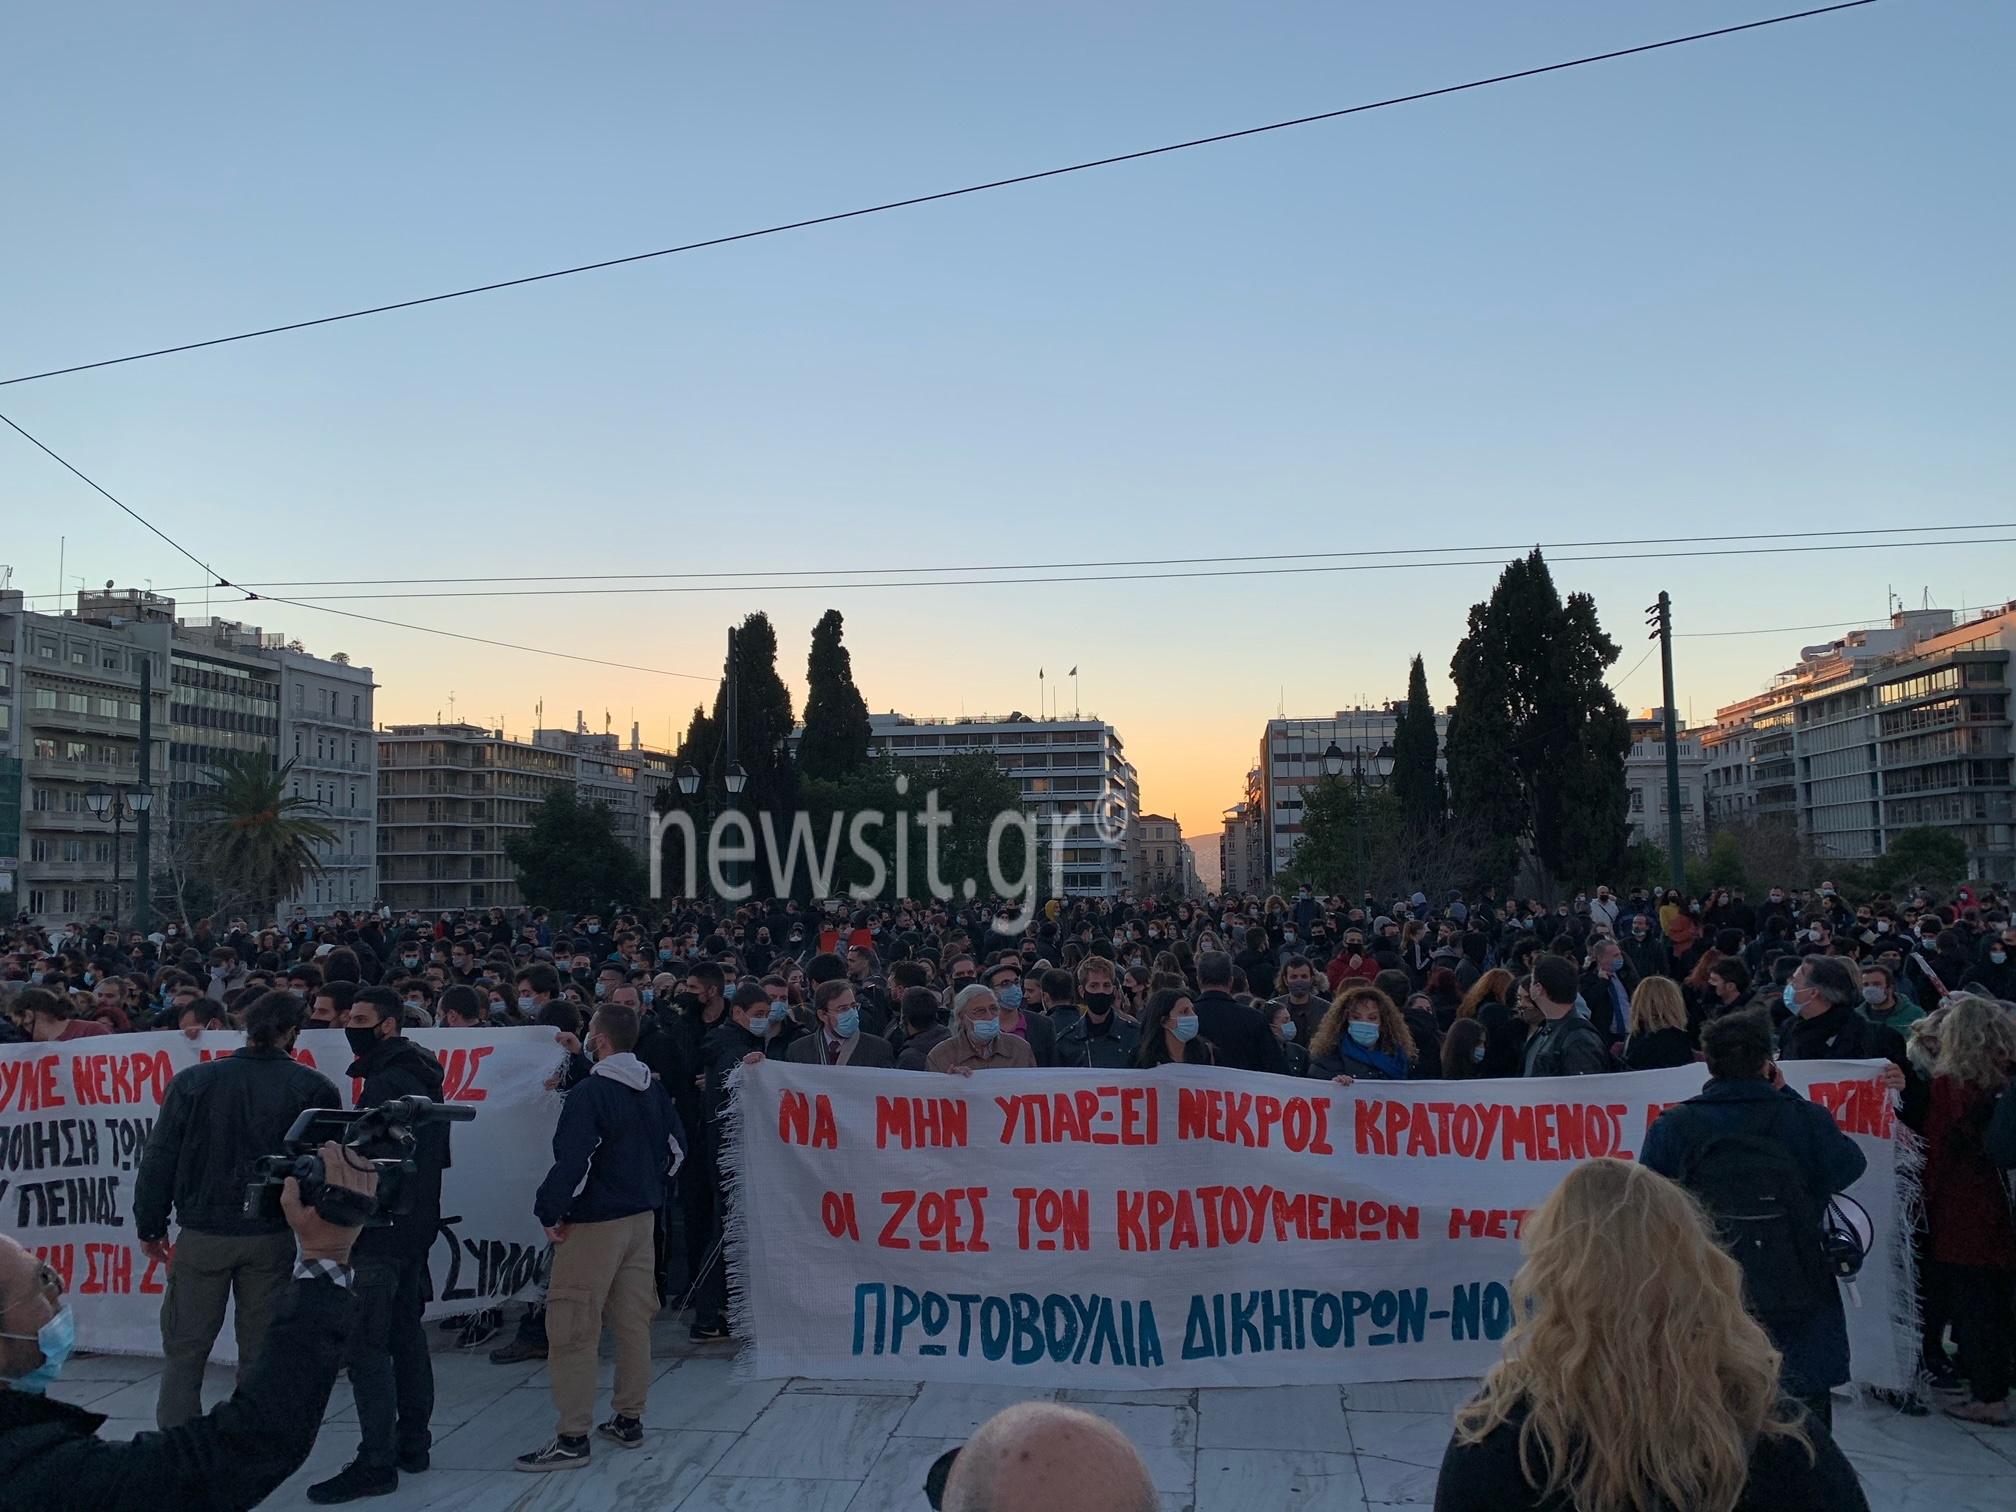 Δημήτρης Κουφοντίνας: Νέα συγκέντρωση και πορεία συμπαράστασης στο κέντρο της Αθήνας